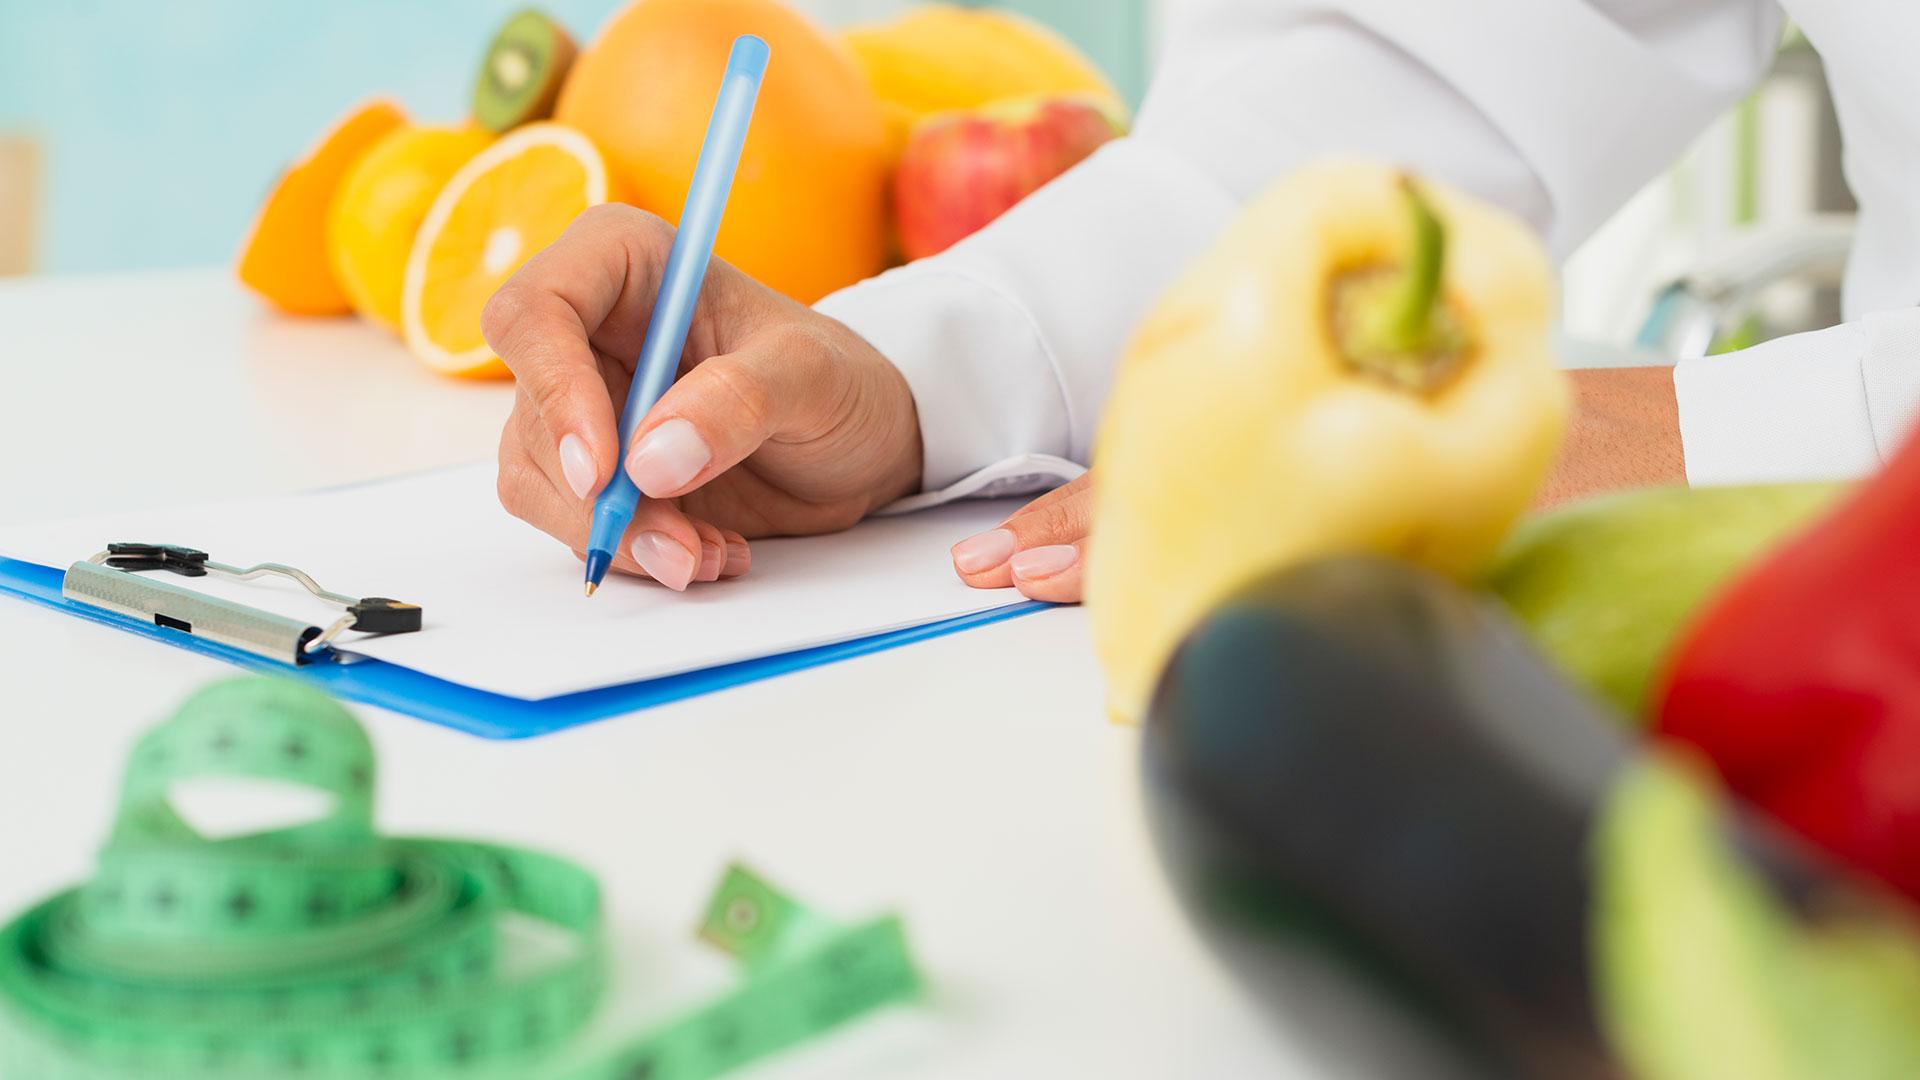 Nutrição: tudo sobre curso e carreira